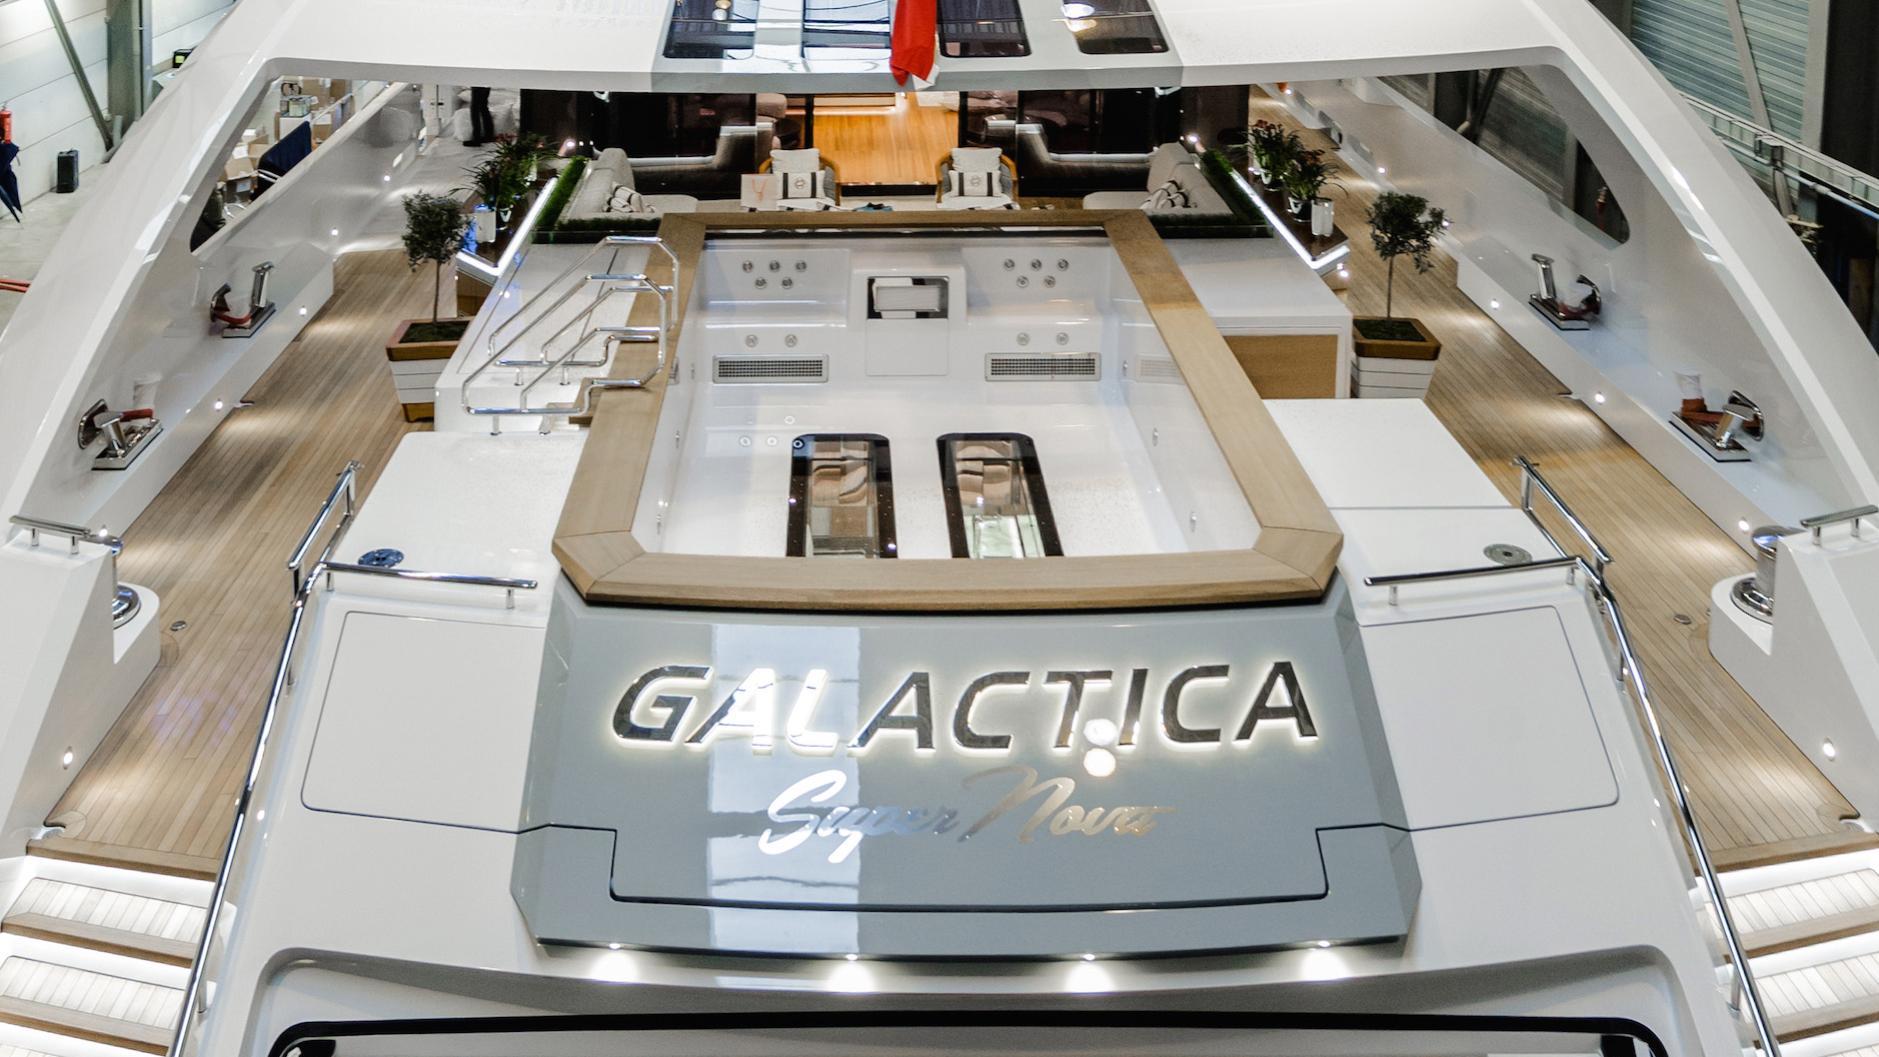 galactica-super-nova-motoryacht-heesen-yachts-2016-70m-stern-details